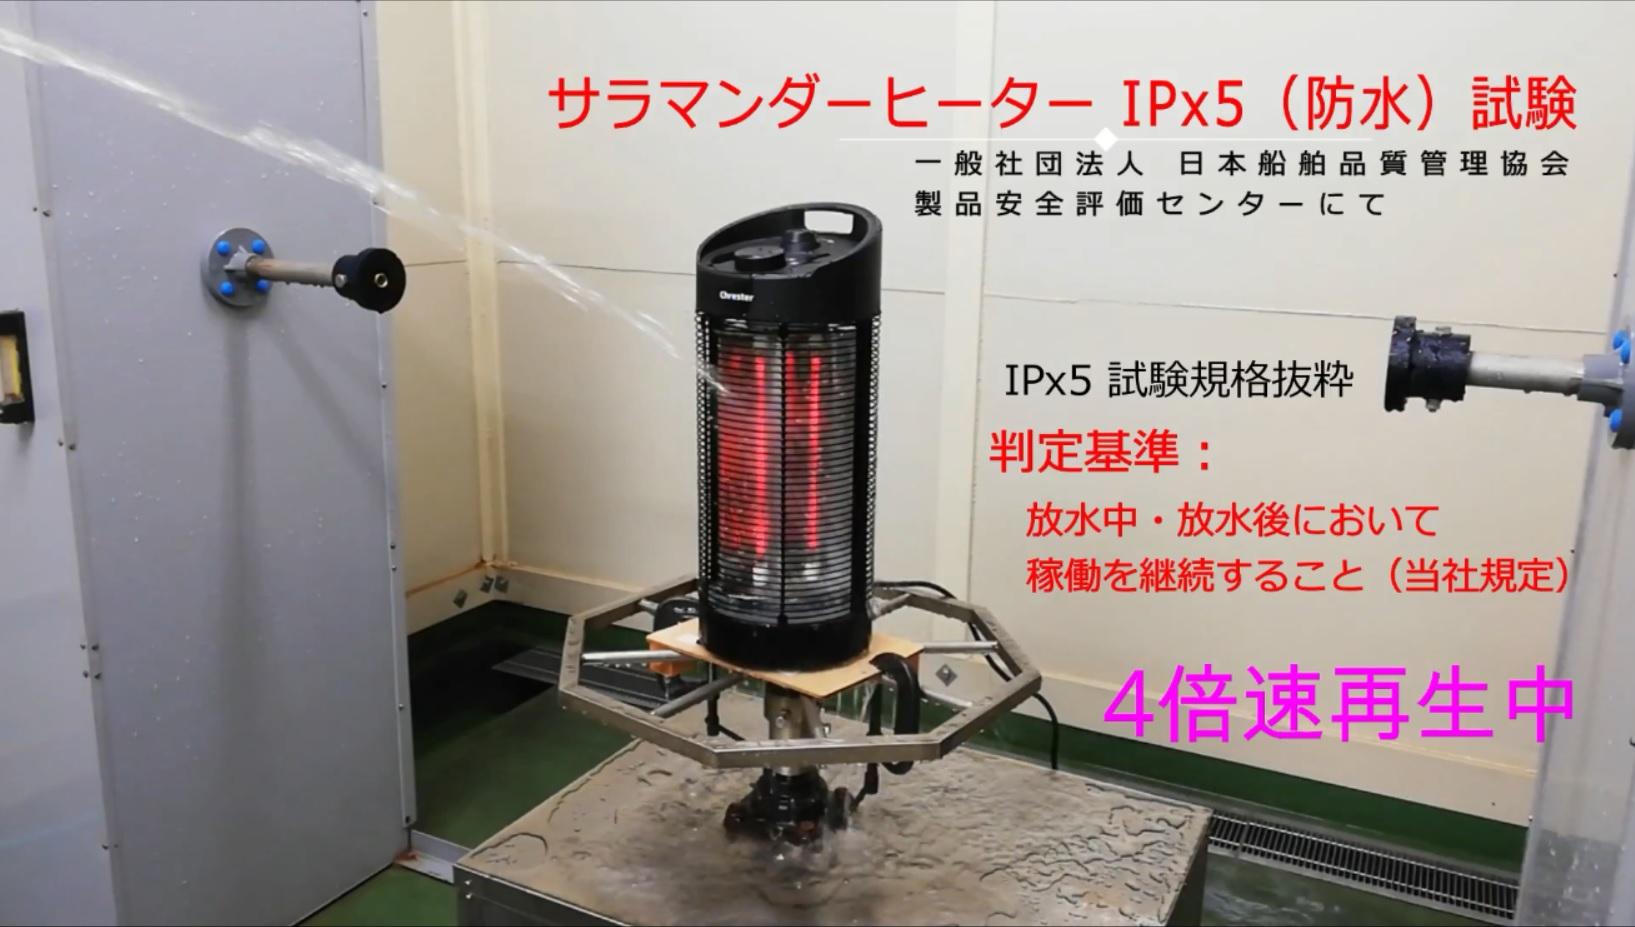 サラマンダーヒーターのIPx5防水試験画像と動画ページへのリンクボタン